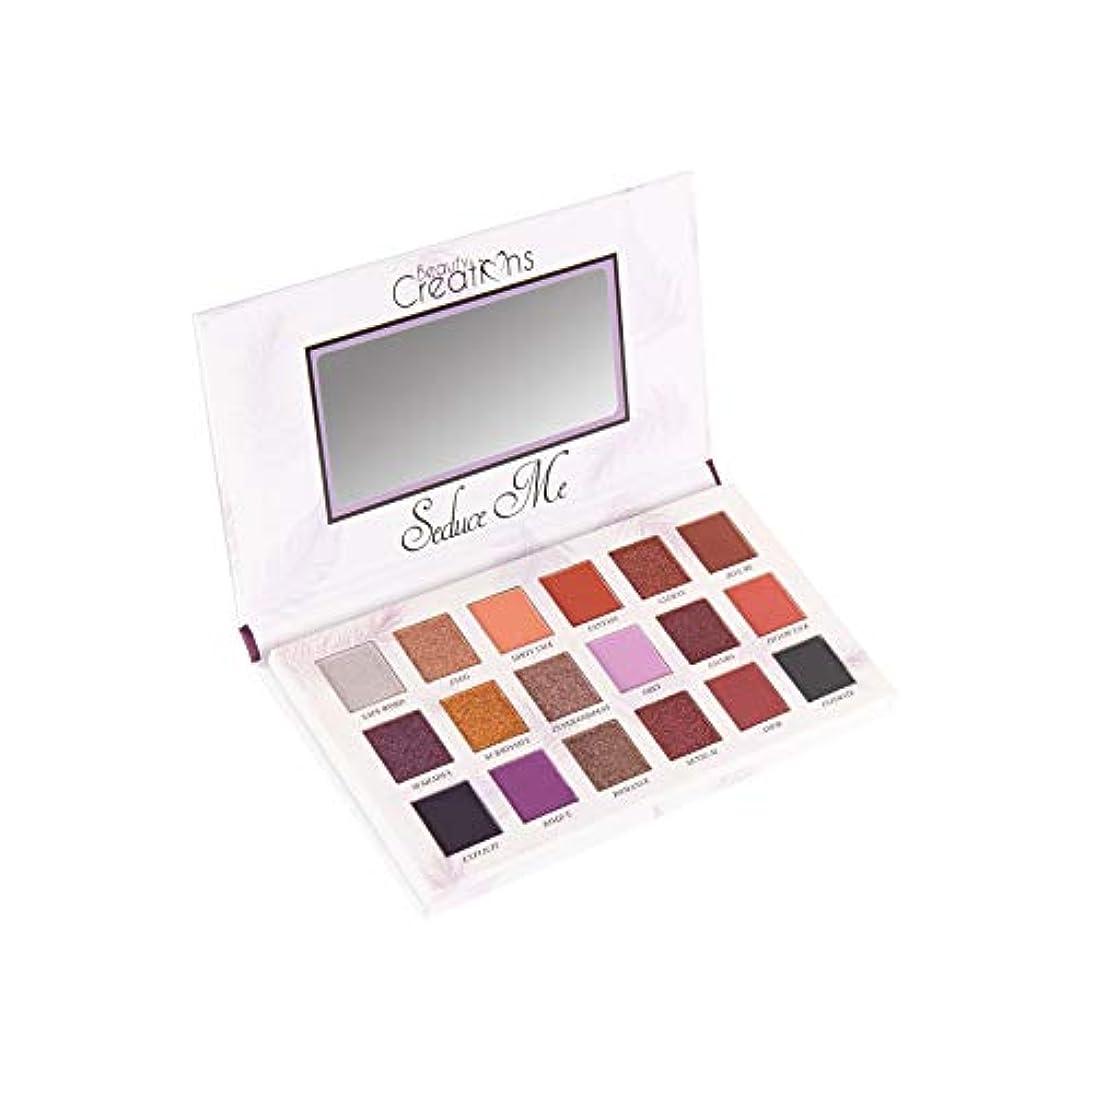 シャンパンソファー作物(3 Pack) BEAUTY CREATIONS Seduce Me Eyeshadow Palette (並行輸入品)